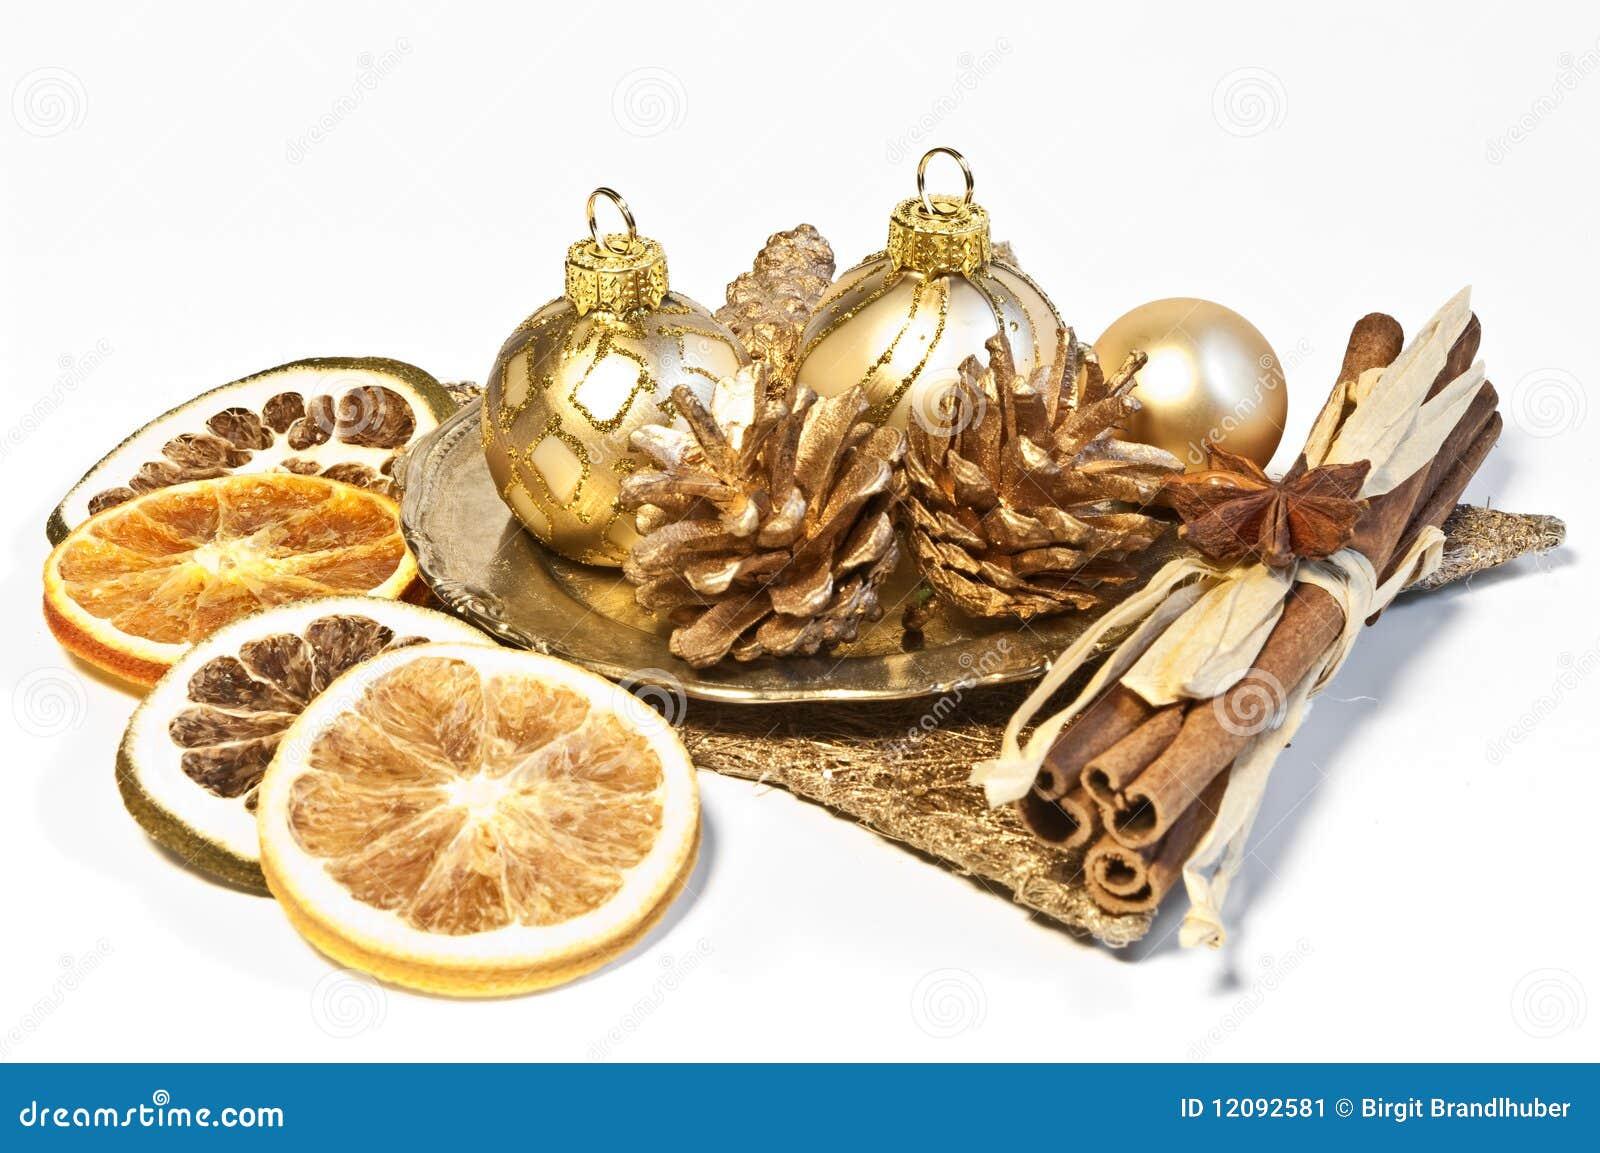 Favori Haut de gamme #7804 Décoration De Noel Avec Des Fruits avec des  FJ63